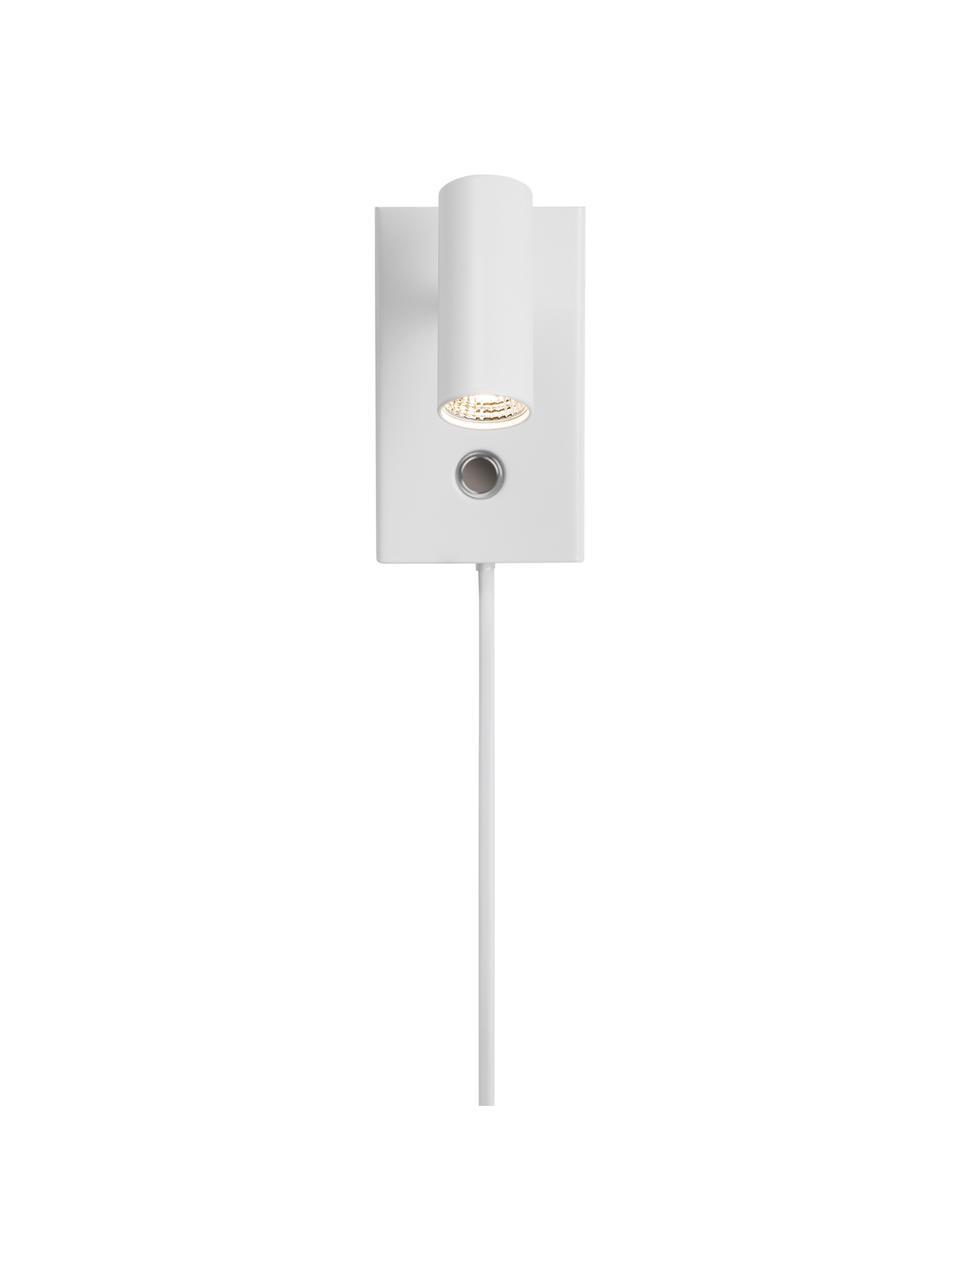 Dimmbare LED-Wandleuchte Omari mit Stecker in Weiß, Lampenschirm: Metall, beschichtet, Weiß, 7 x 12 cm